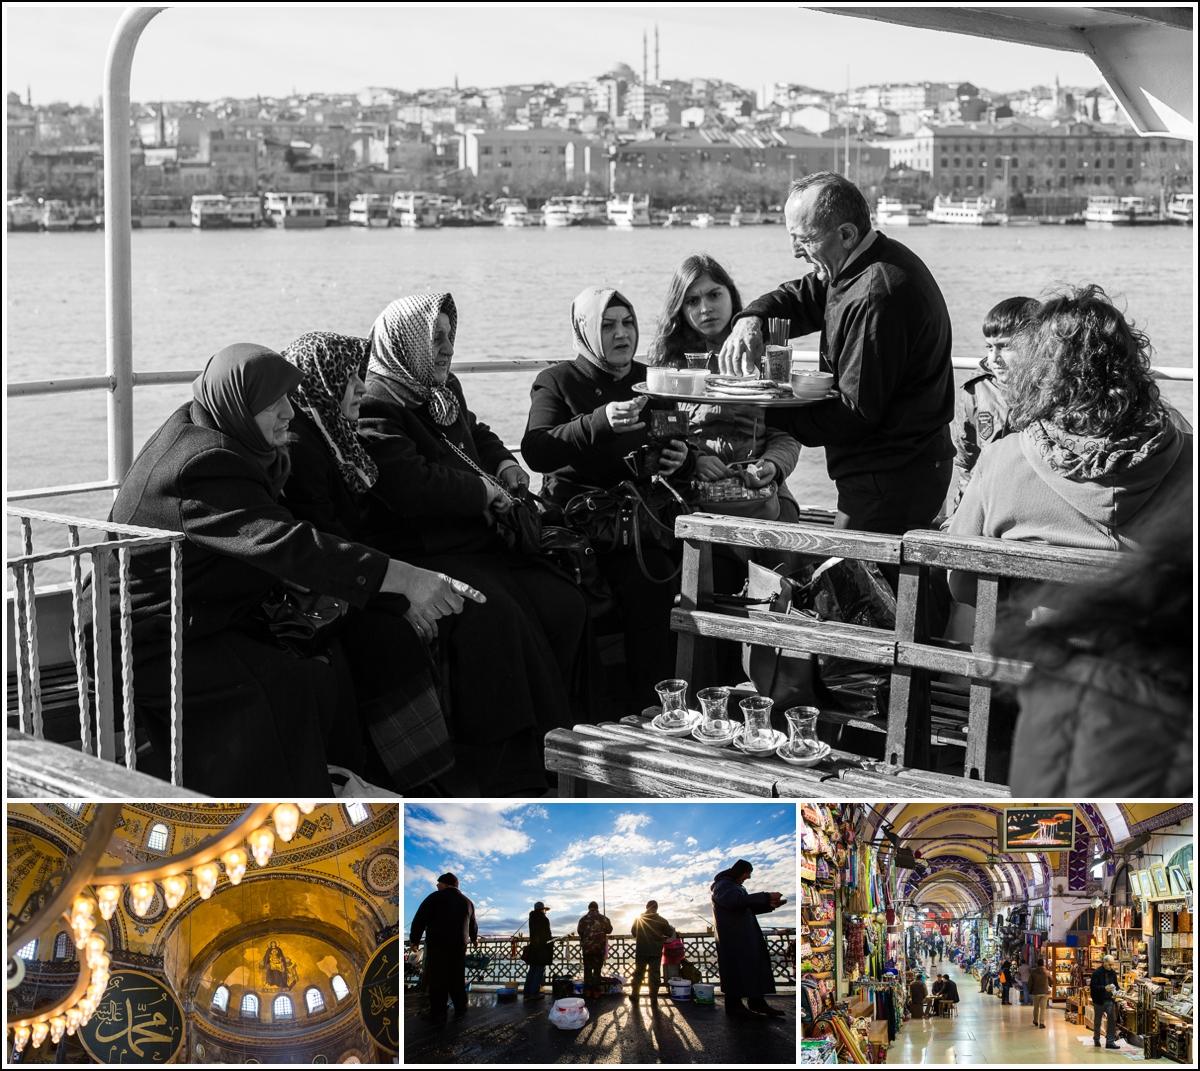 Istanbul-reise-tilbakeblikk